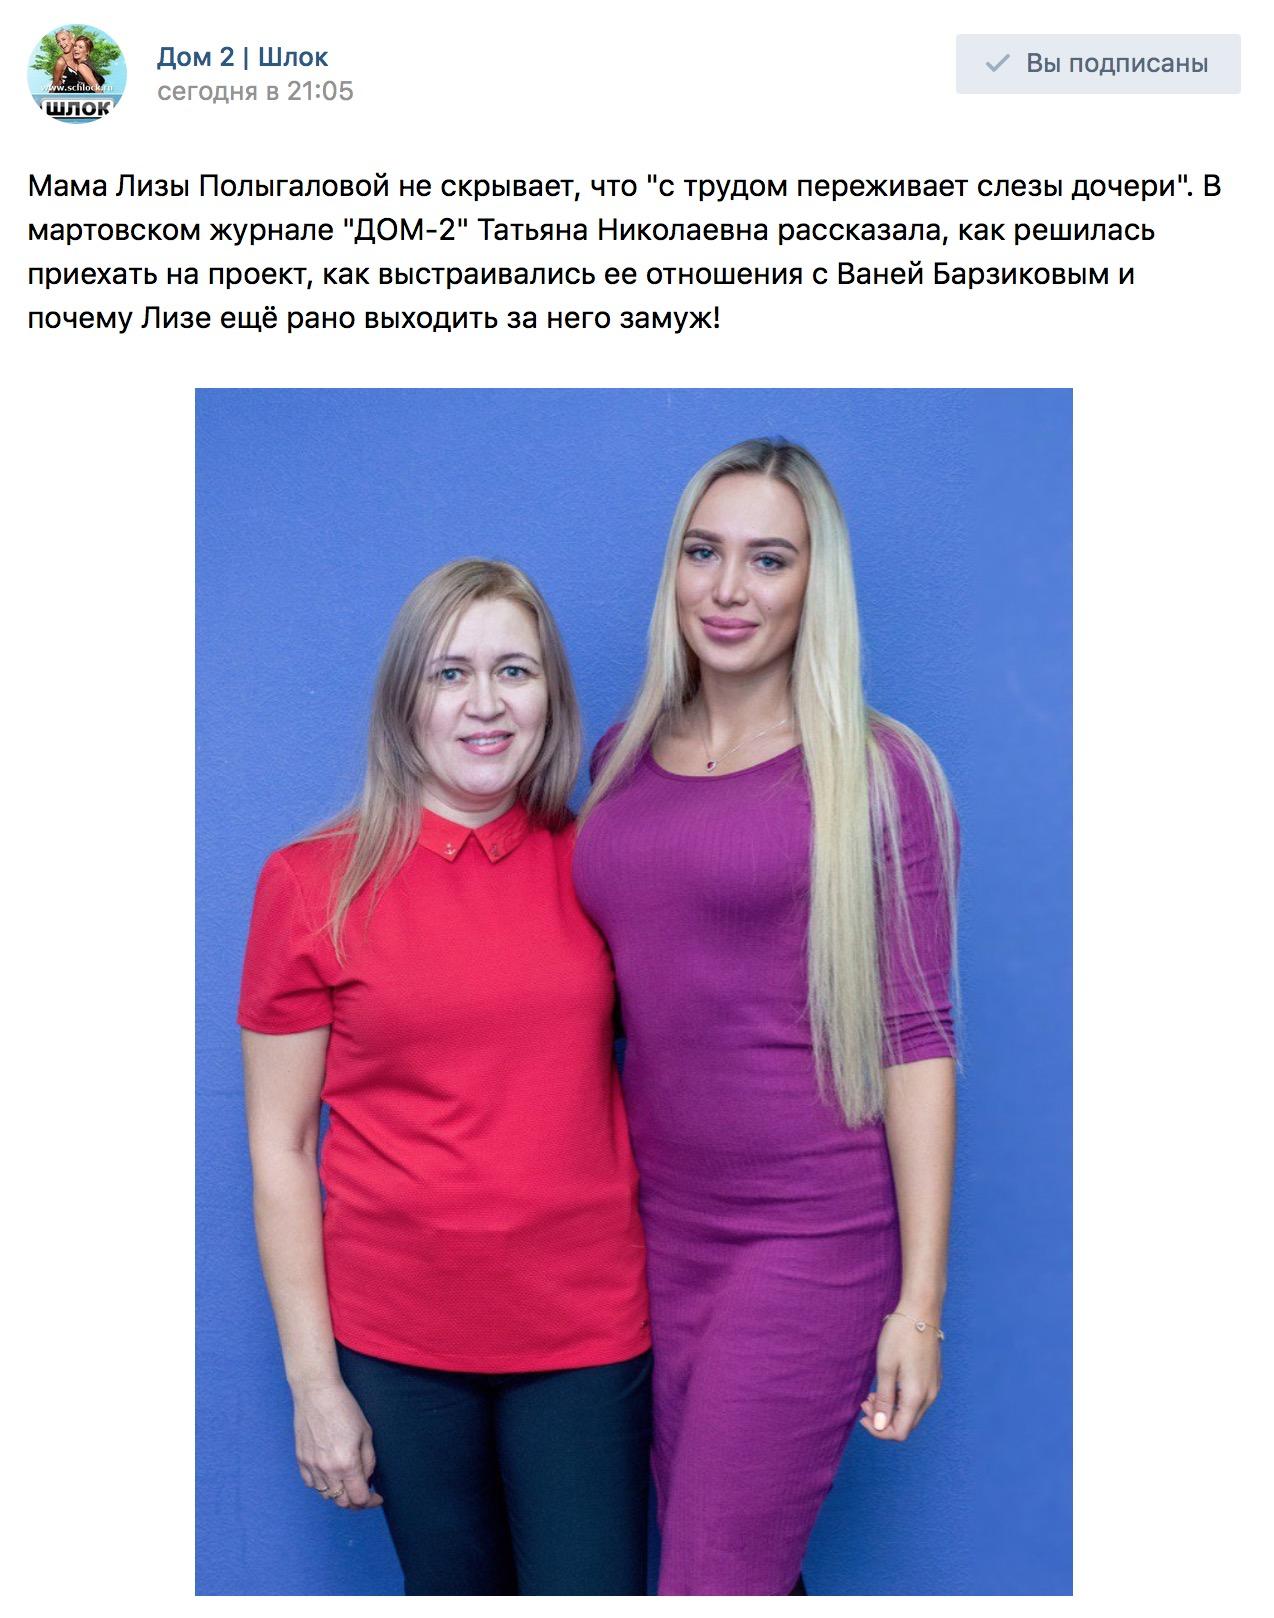 Елизавета полыгалова биография фото жизнь до проекта